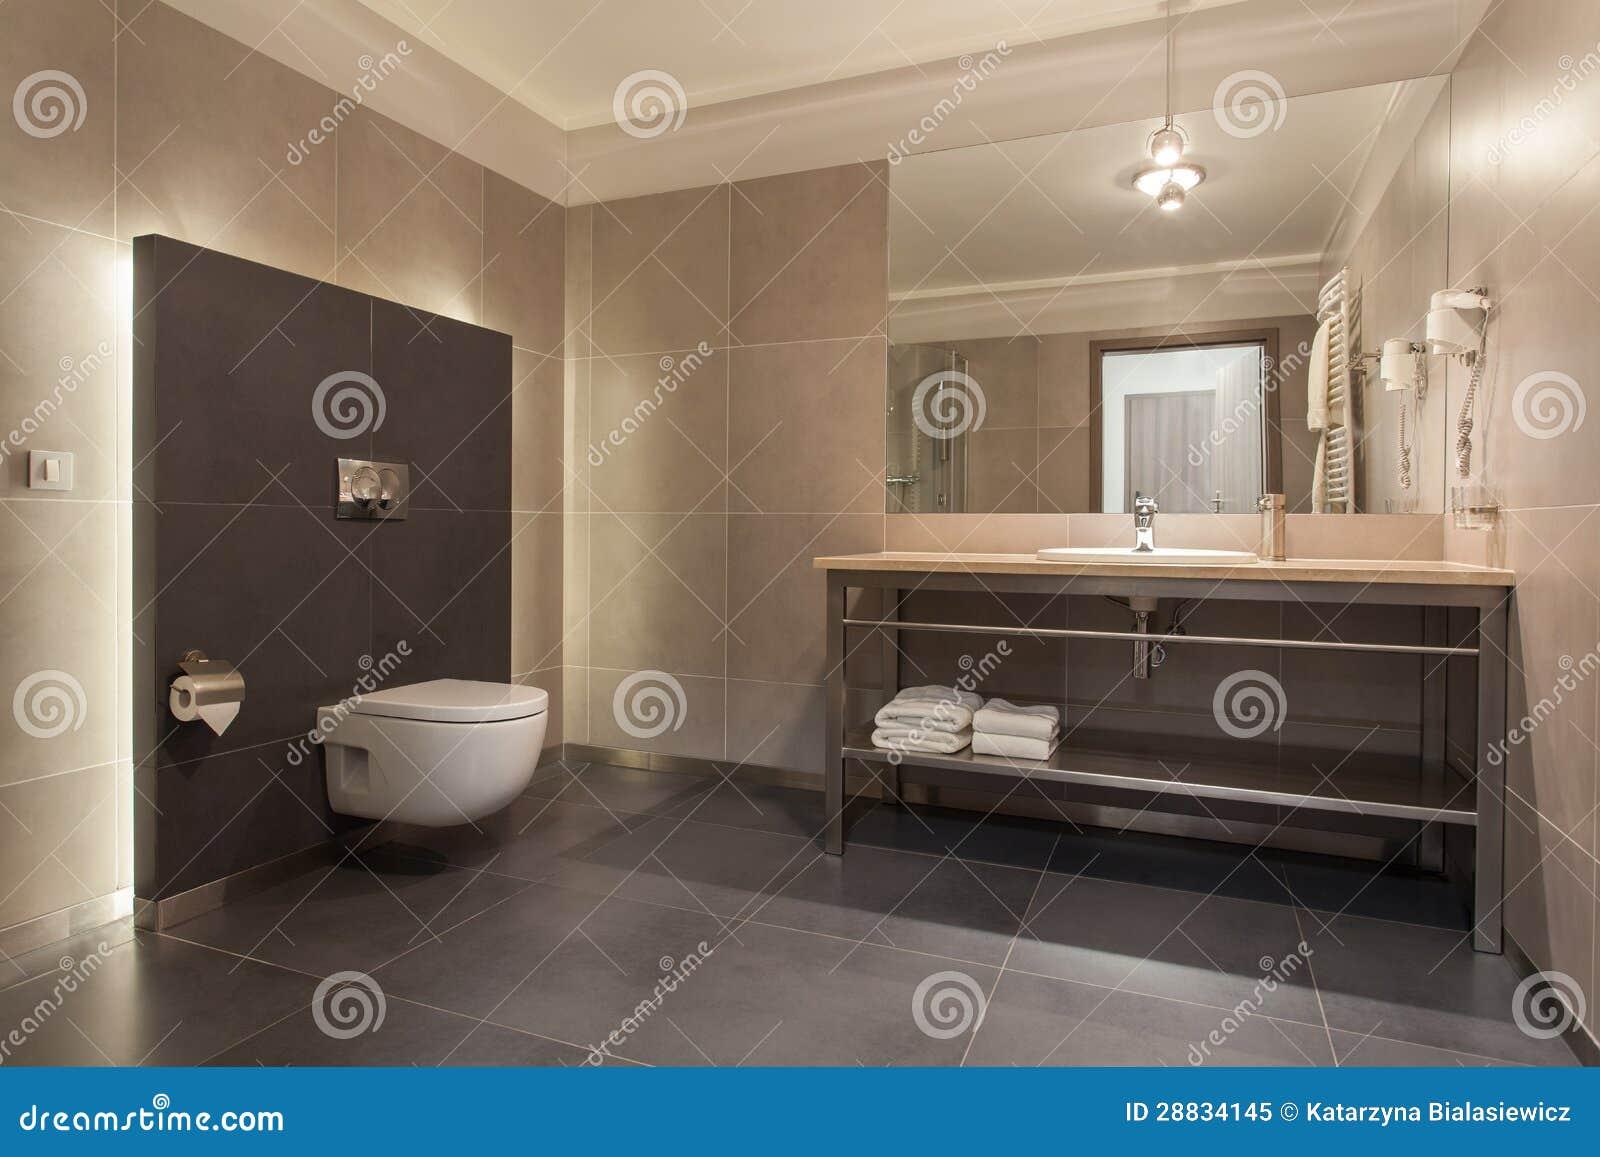 Bos hotel moderne badkamers royalty vrije stock foto afbeelding 28834145 for Moderne badkamers